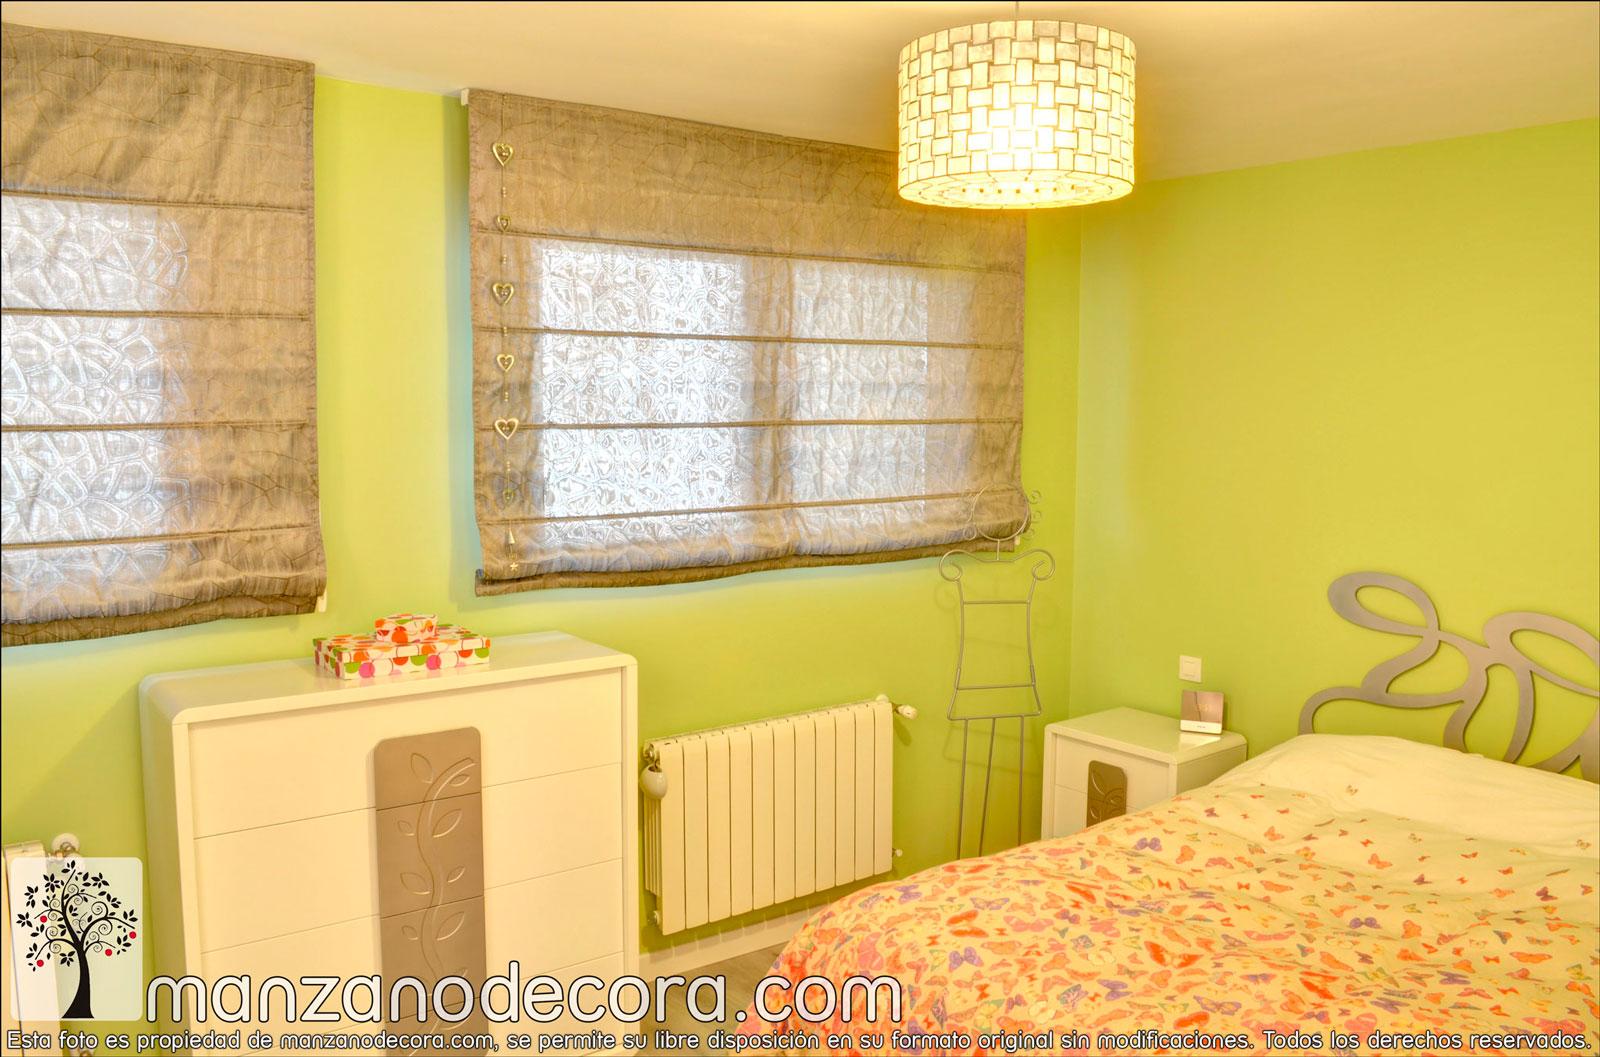 Estores de varillas cortinas manzanodecora - Ideas para decorar estores ...